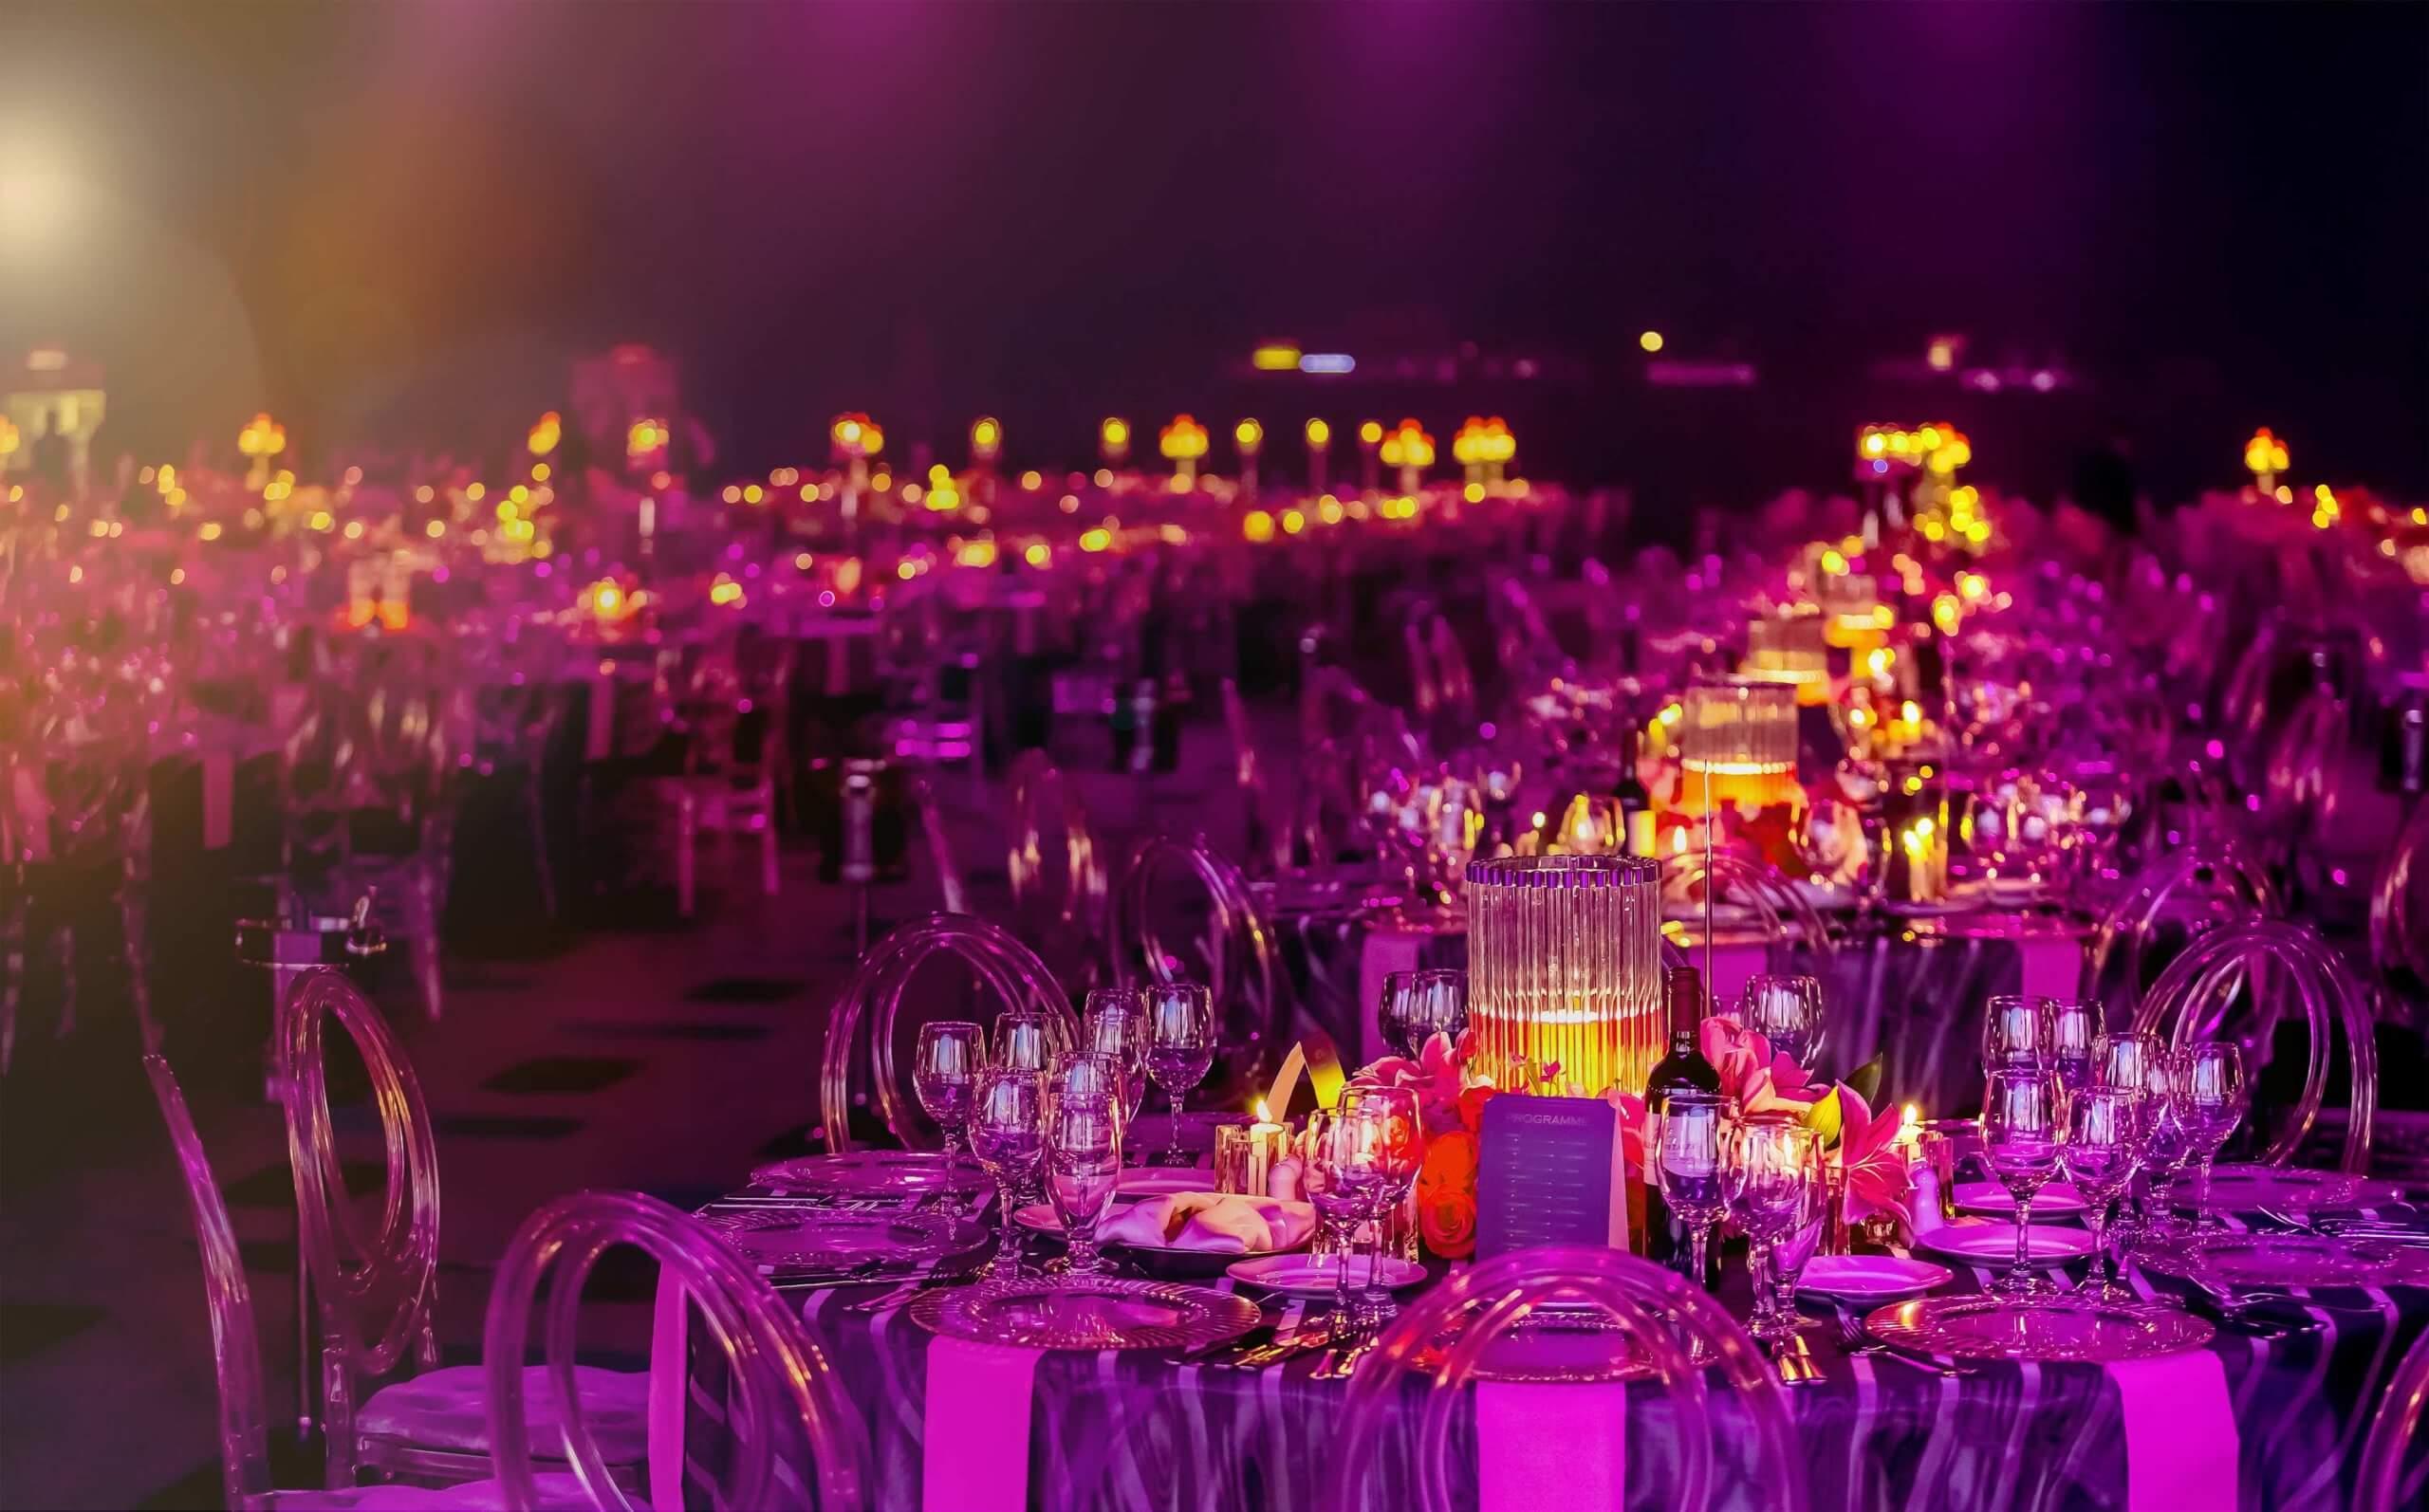 Festlich gedeckte und beleuchtete Tische